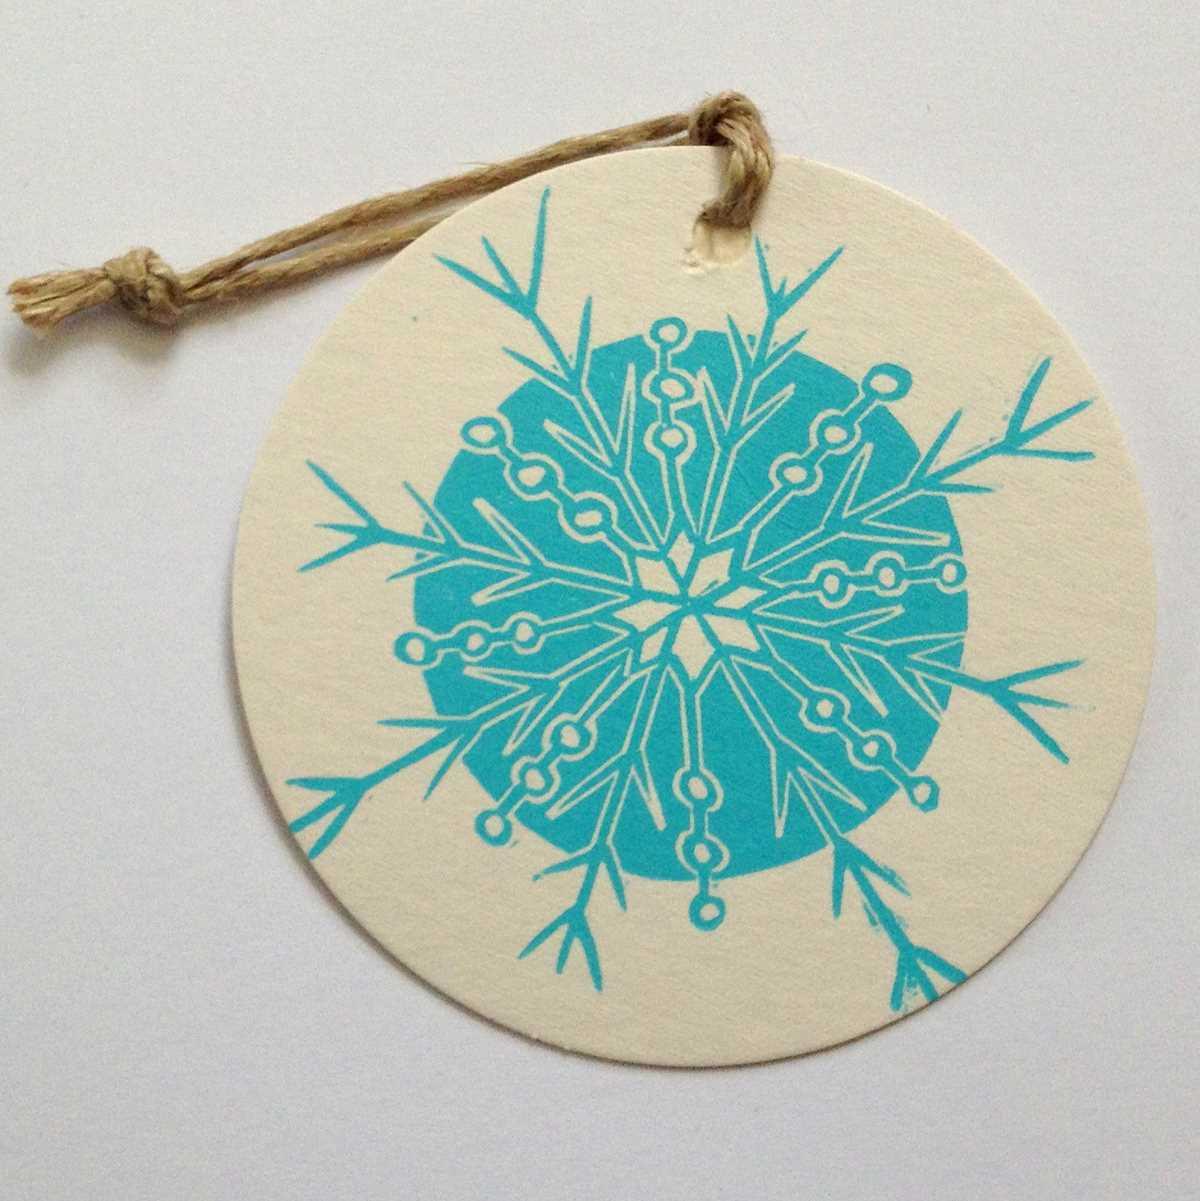 Snowflake coaster